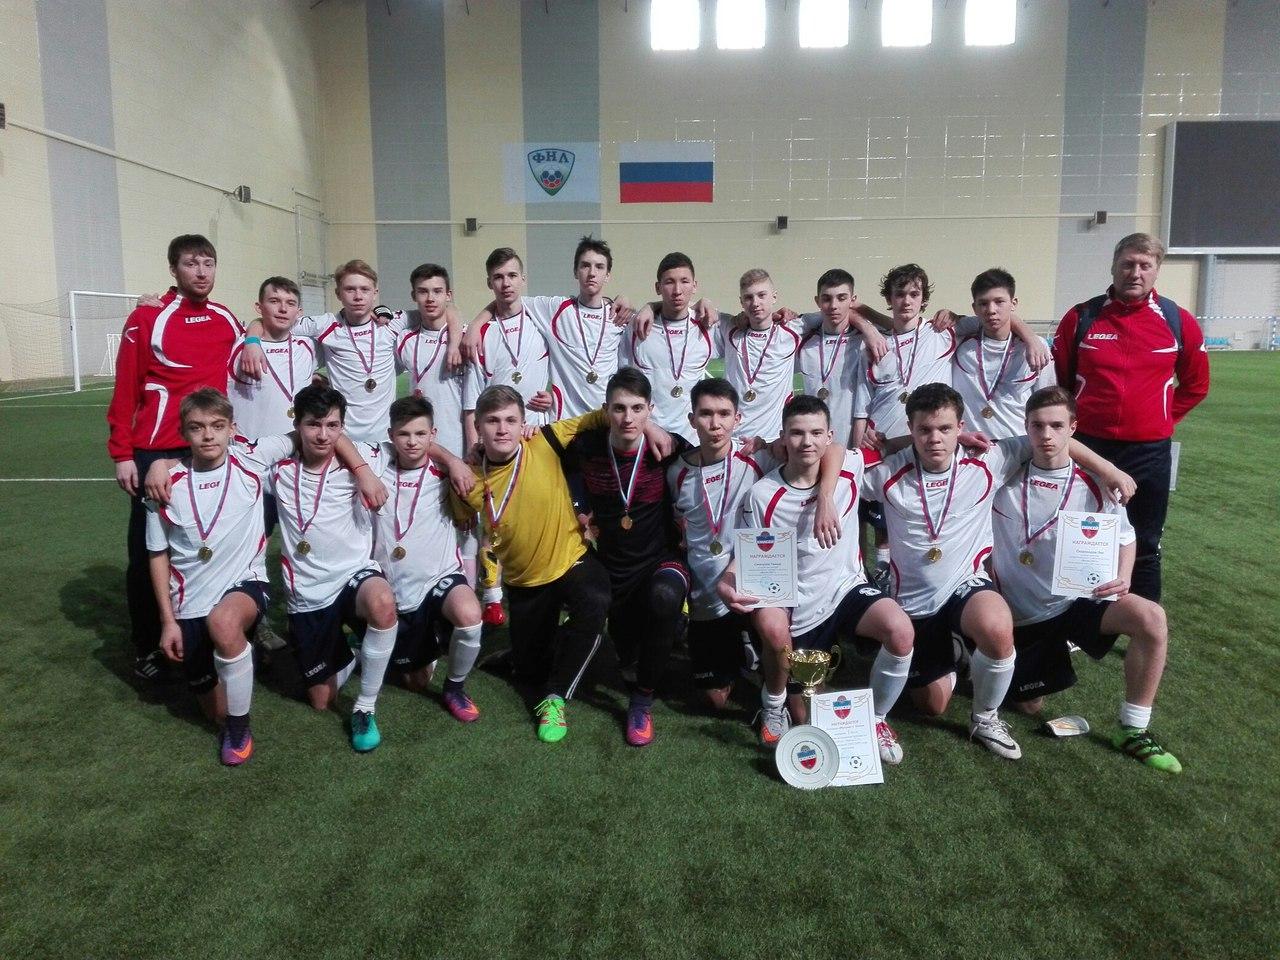 Сборная СДЮСШОР «Иртыш»-2002 - победитель межрегионального турнира «Весна-2017»!